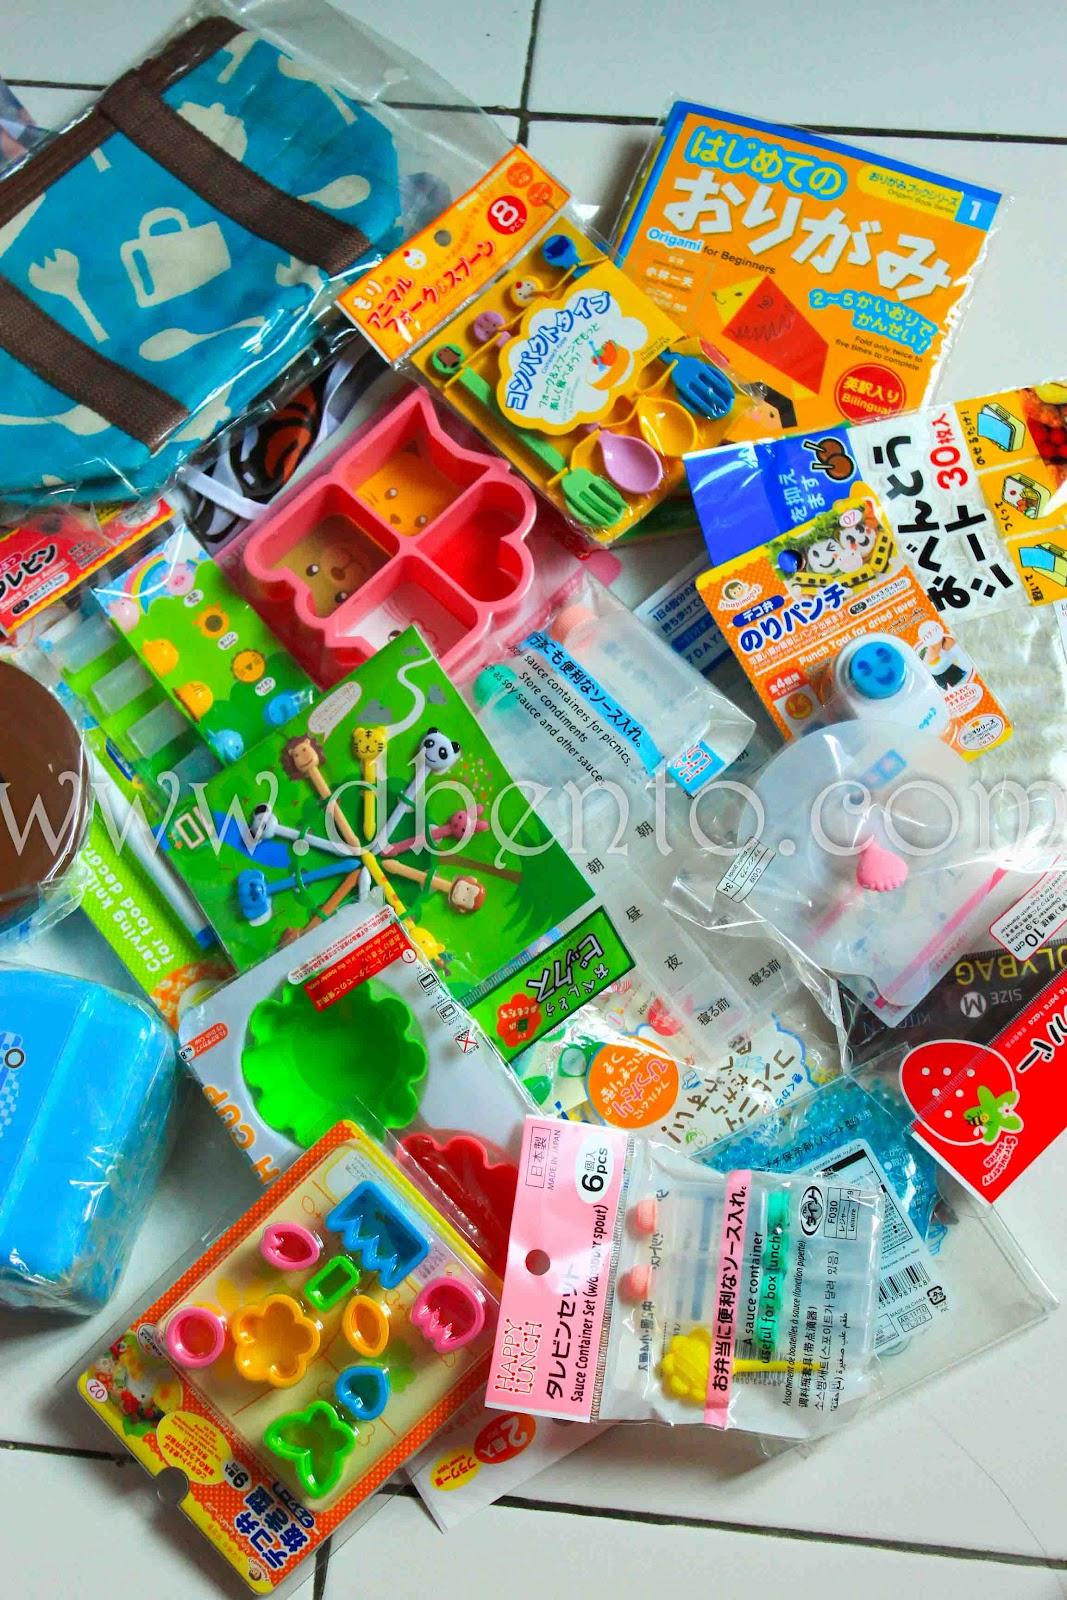 http://3.bp.blogspot.com/-duBi38pNDhU/T1b-OrVMspI/AAAAAAAAAqg/dkN-0JNKrl8/s1600/Rustka-6131.JPG